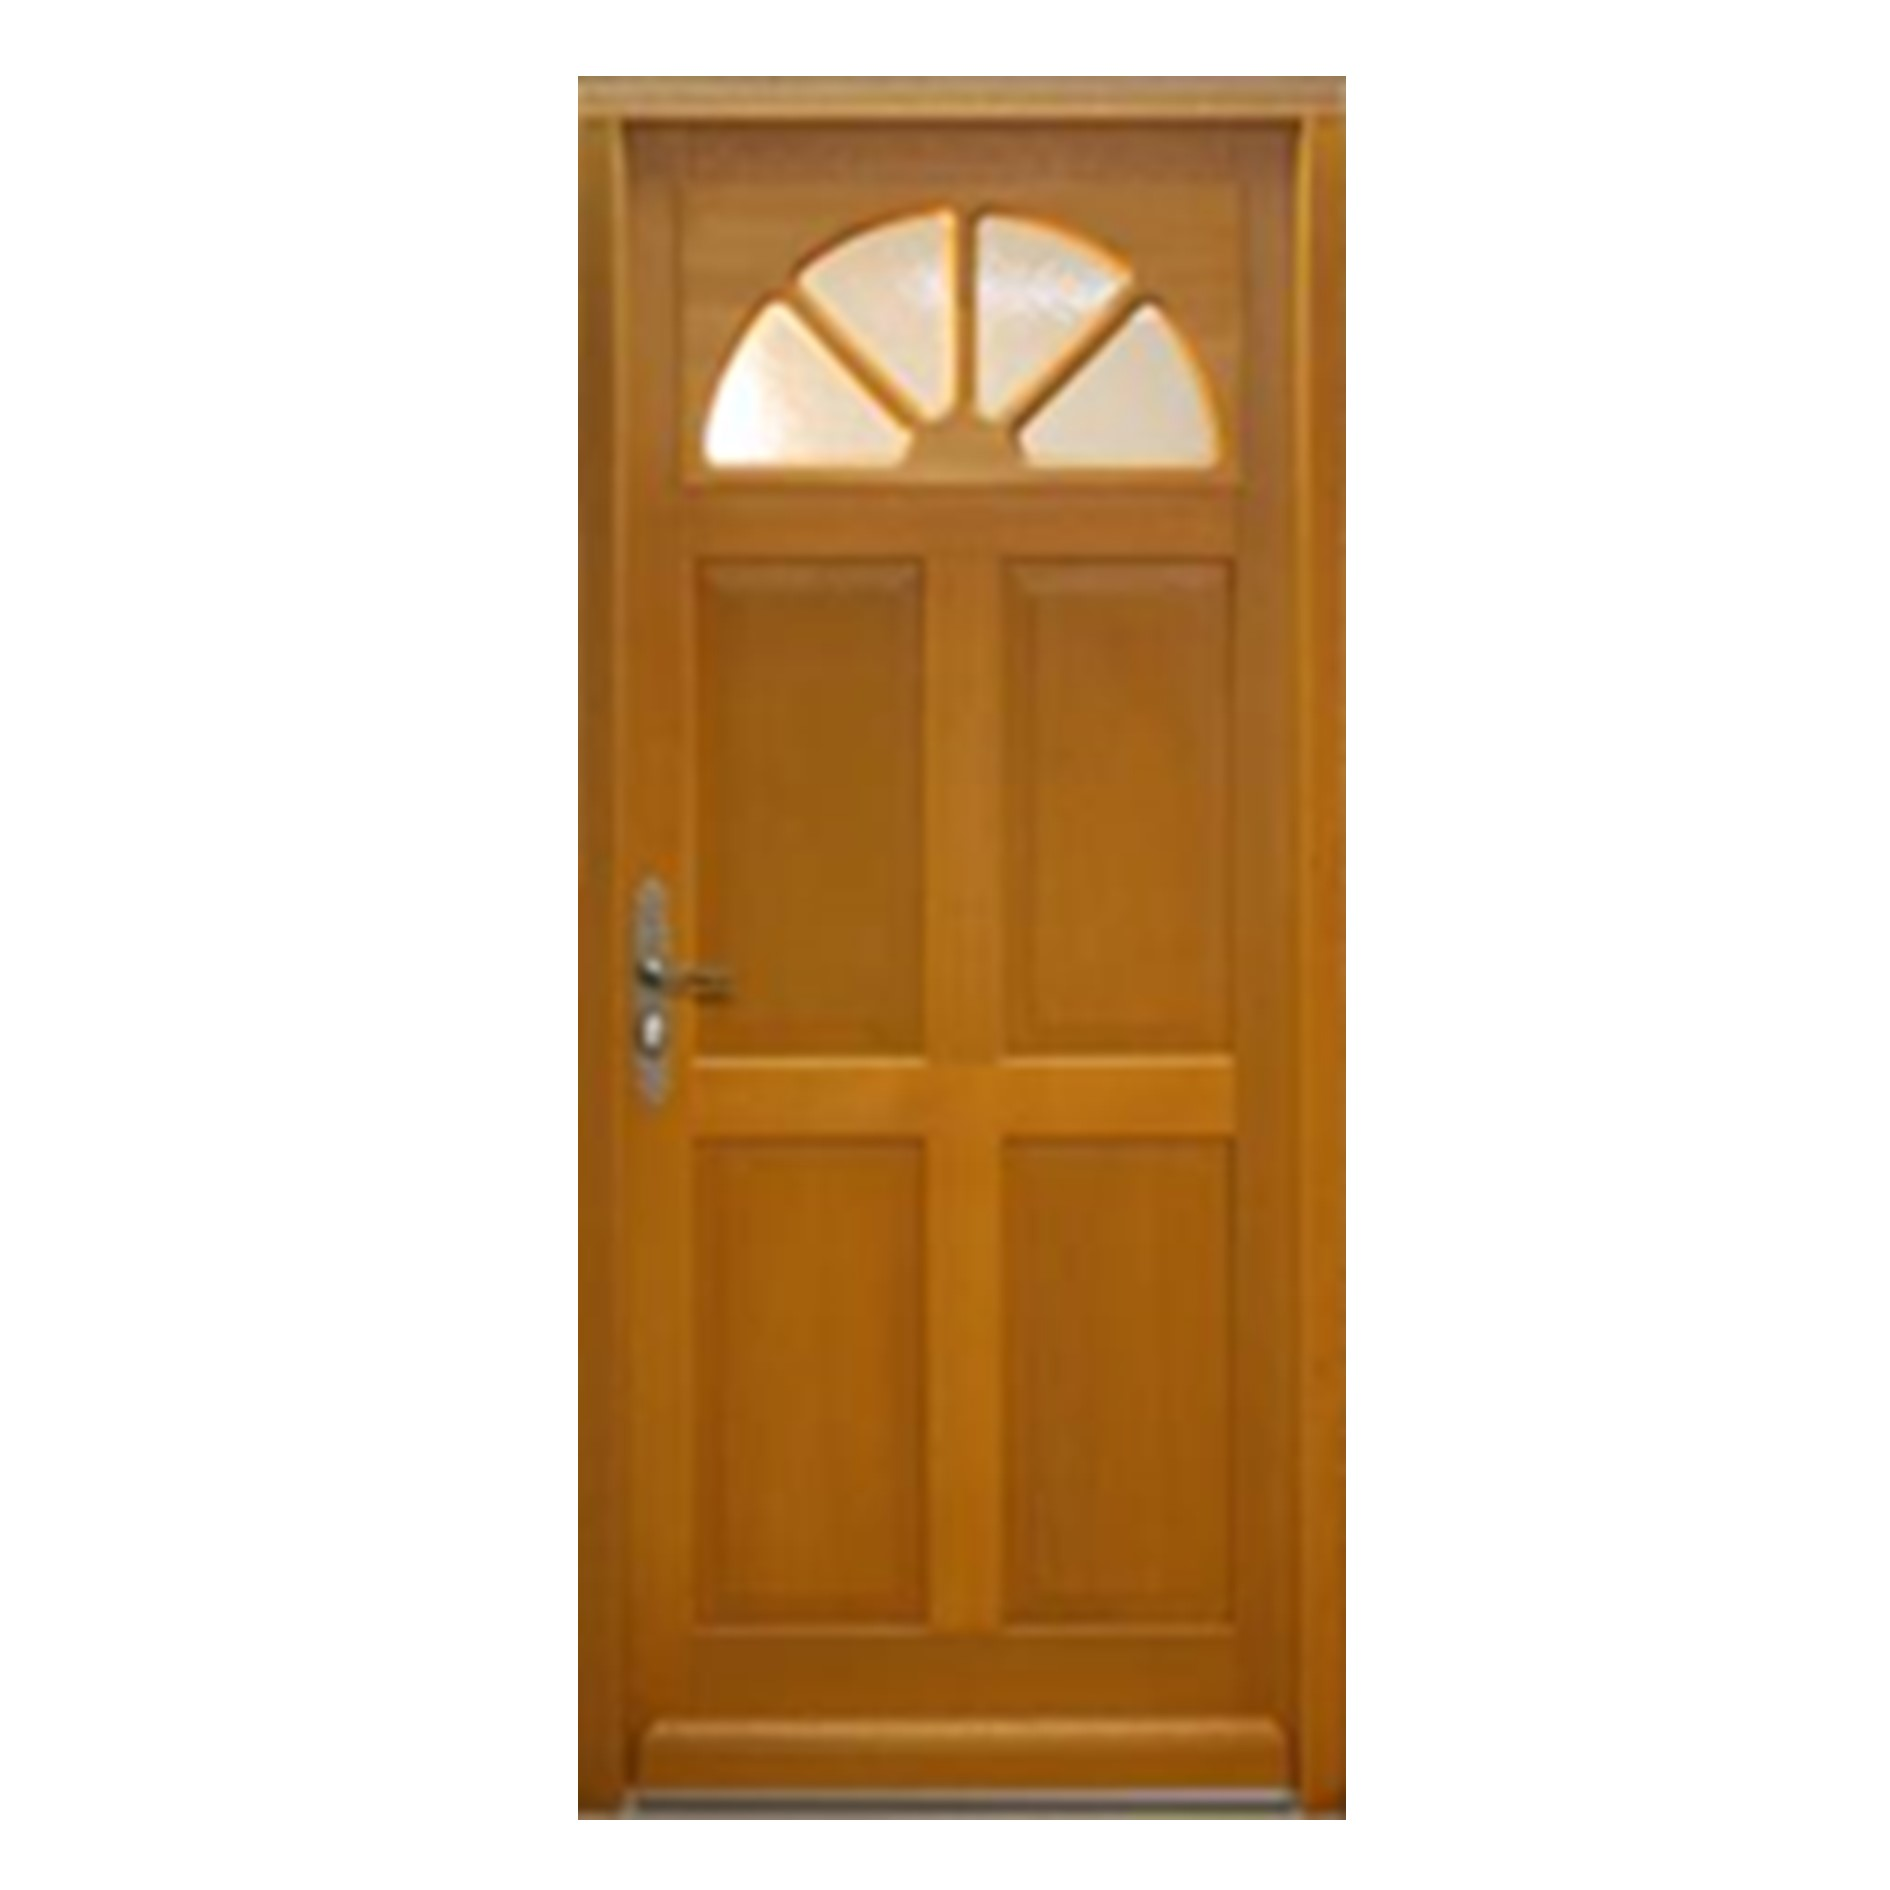 Porte d 39 entr e gauche bois exotique meranti mod le fi 215 x 90cm brevon - Traitement bois exotique ...